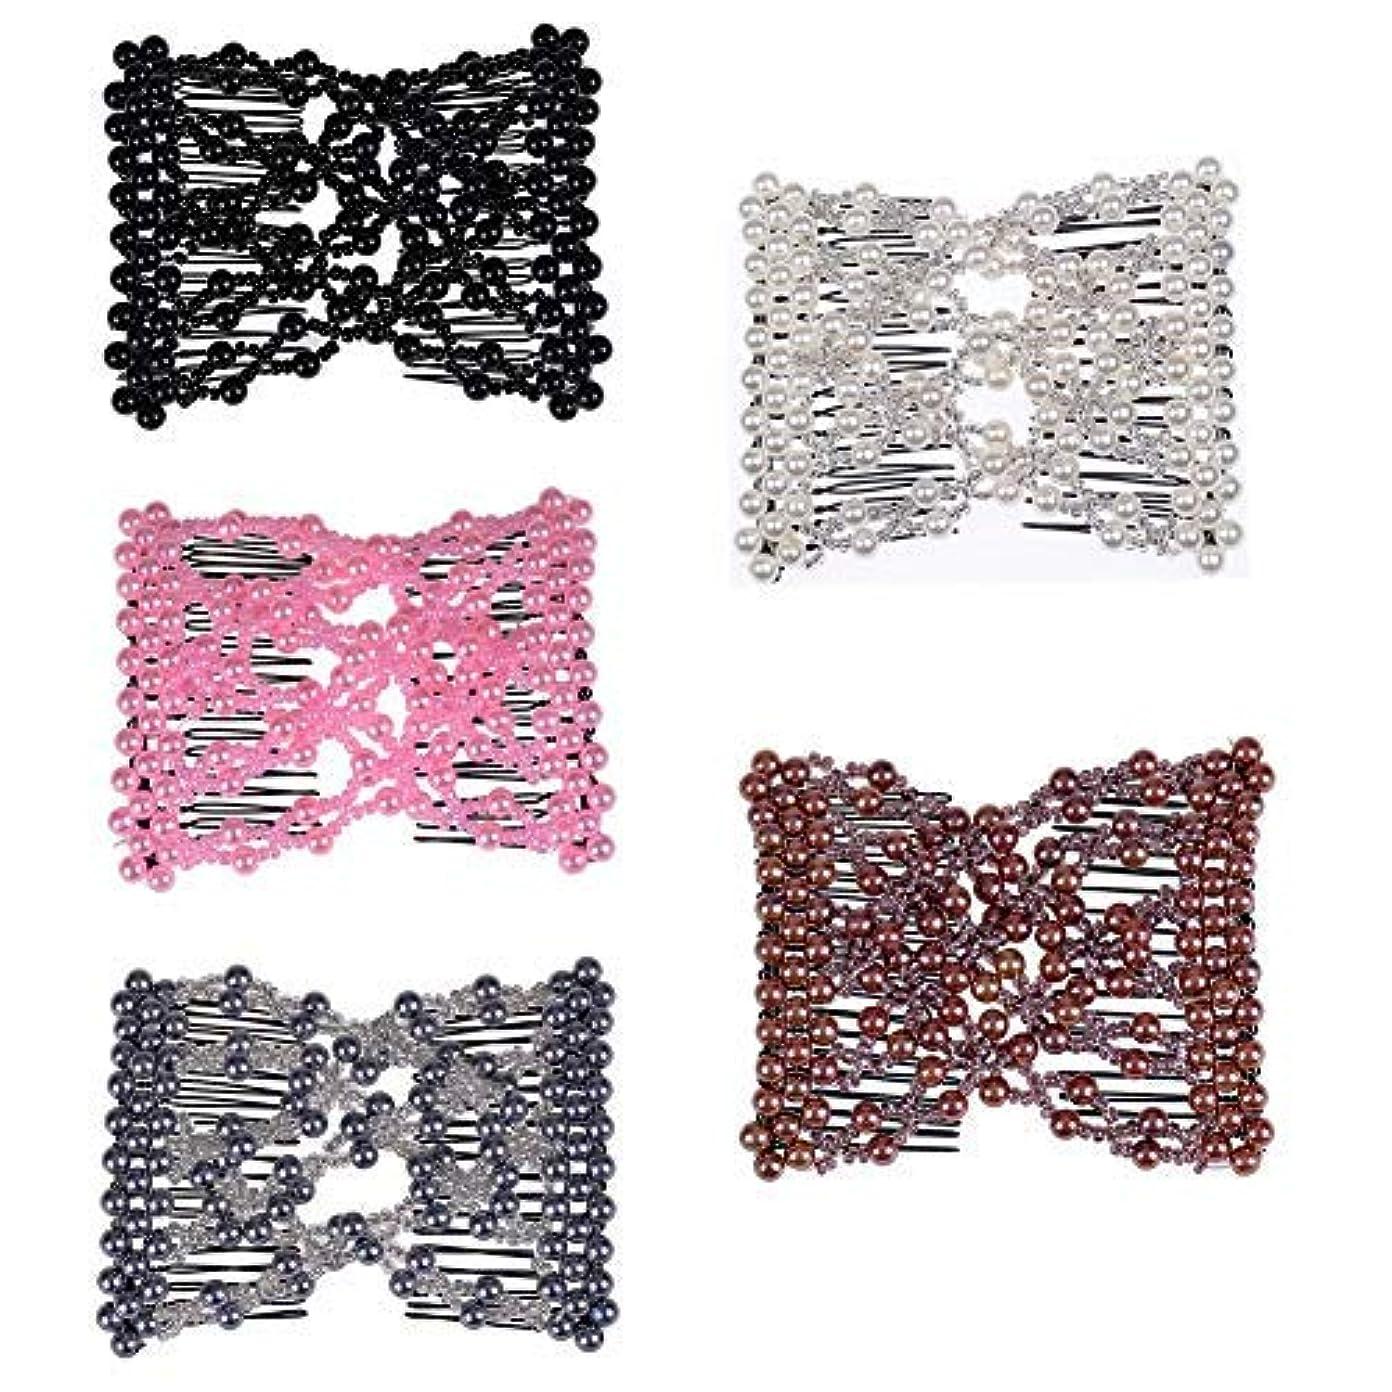 封建お別れ指紋Casualfashion 5Pcs Ez Stretch Beaded Hair Combs Double Magic Slide Metal Comb Clip Hairpins for Women Hair Styling...